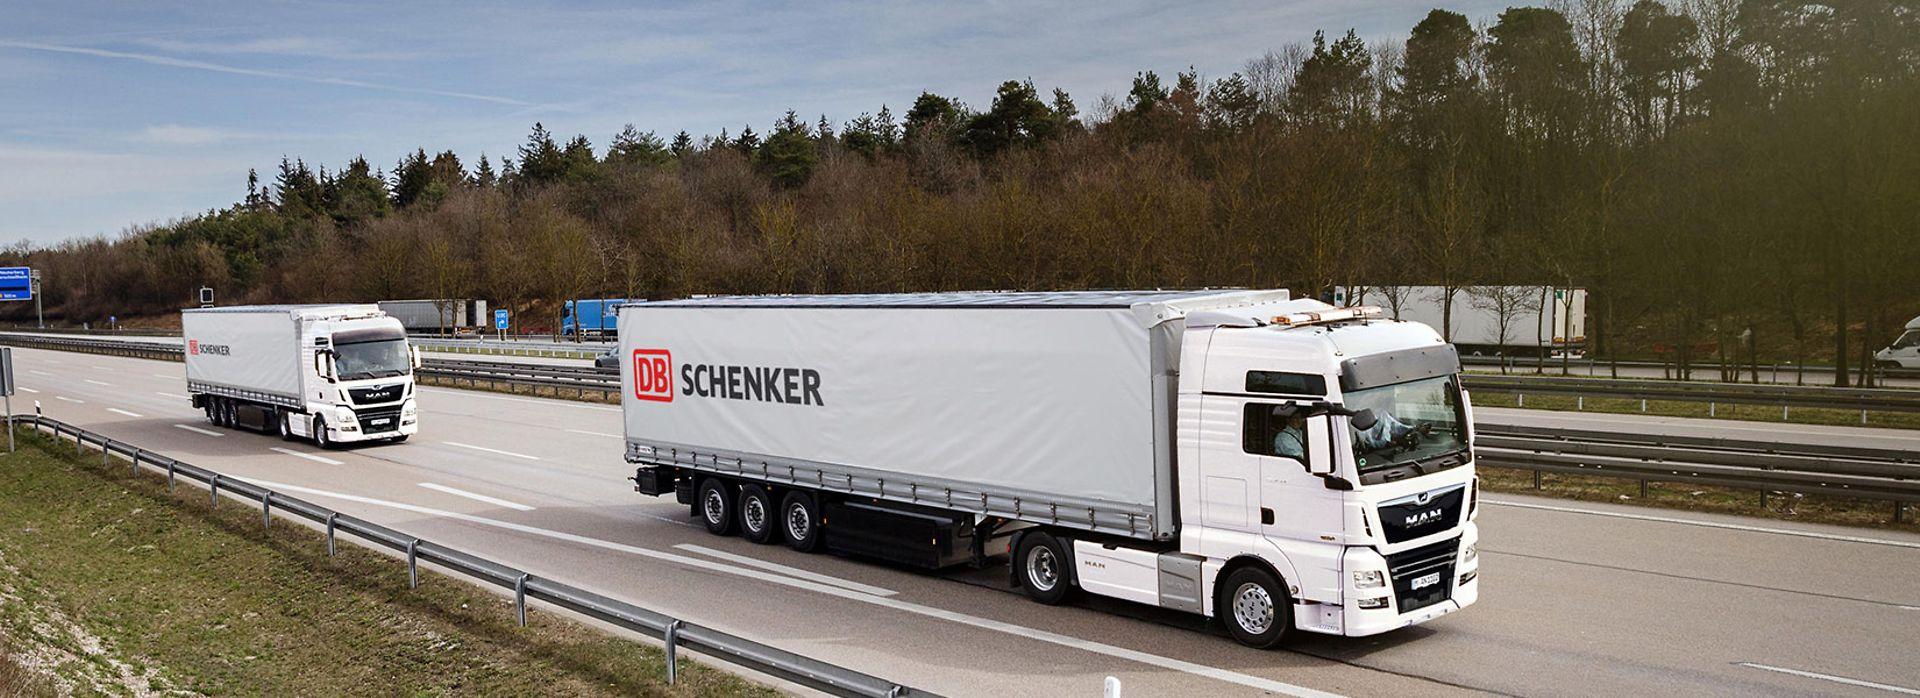 DB Schenker1